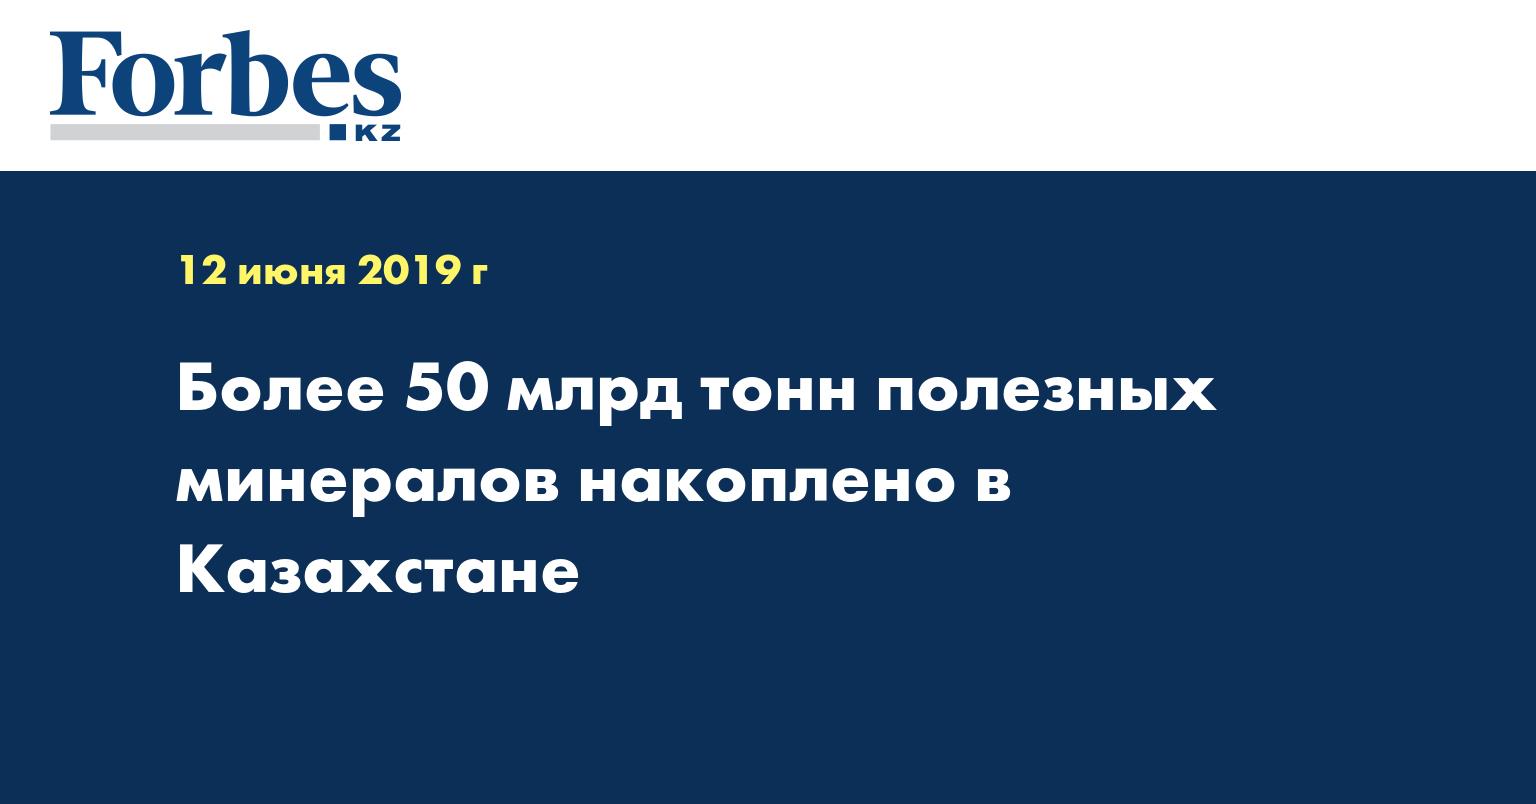 Более 50 млрд тонн полезных минералов накоплено в Казахстане